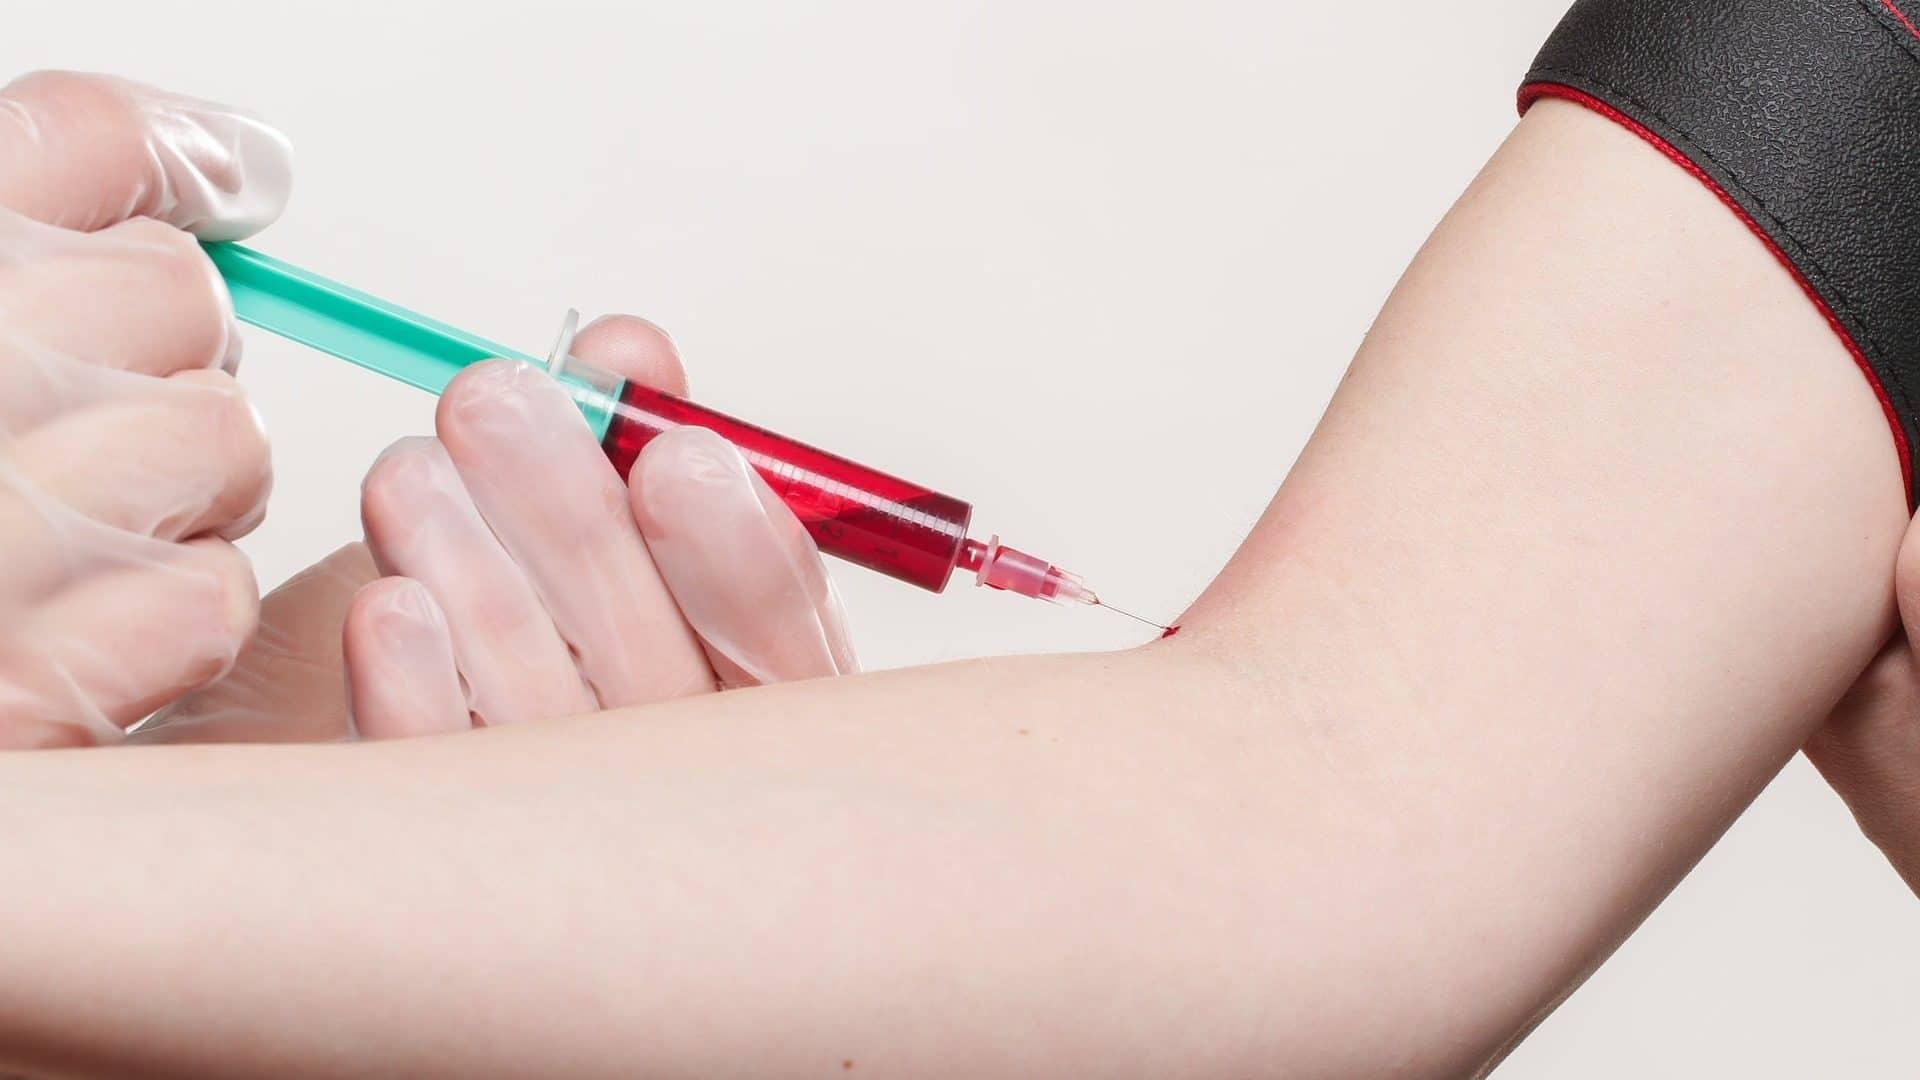 Réaliser une prise de sang sur veine difficile